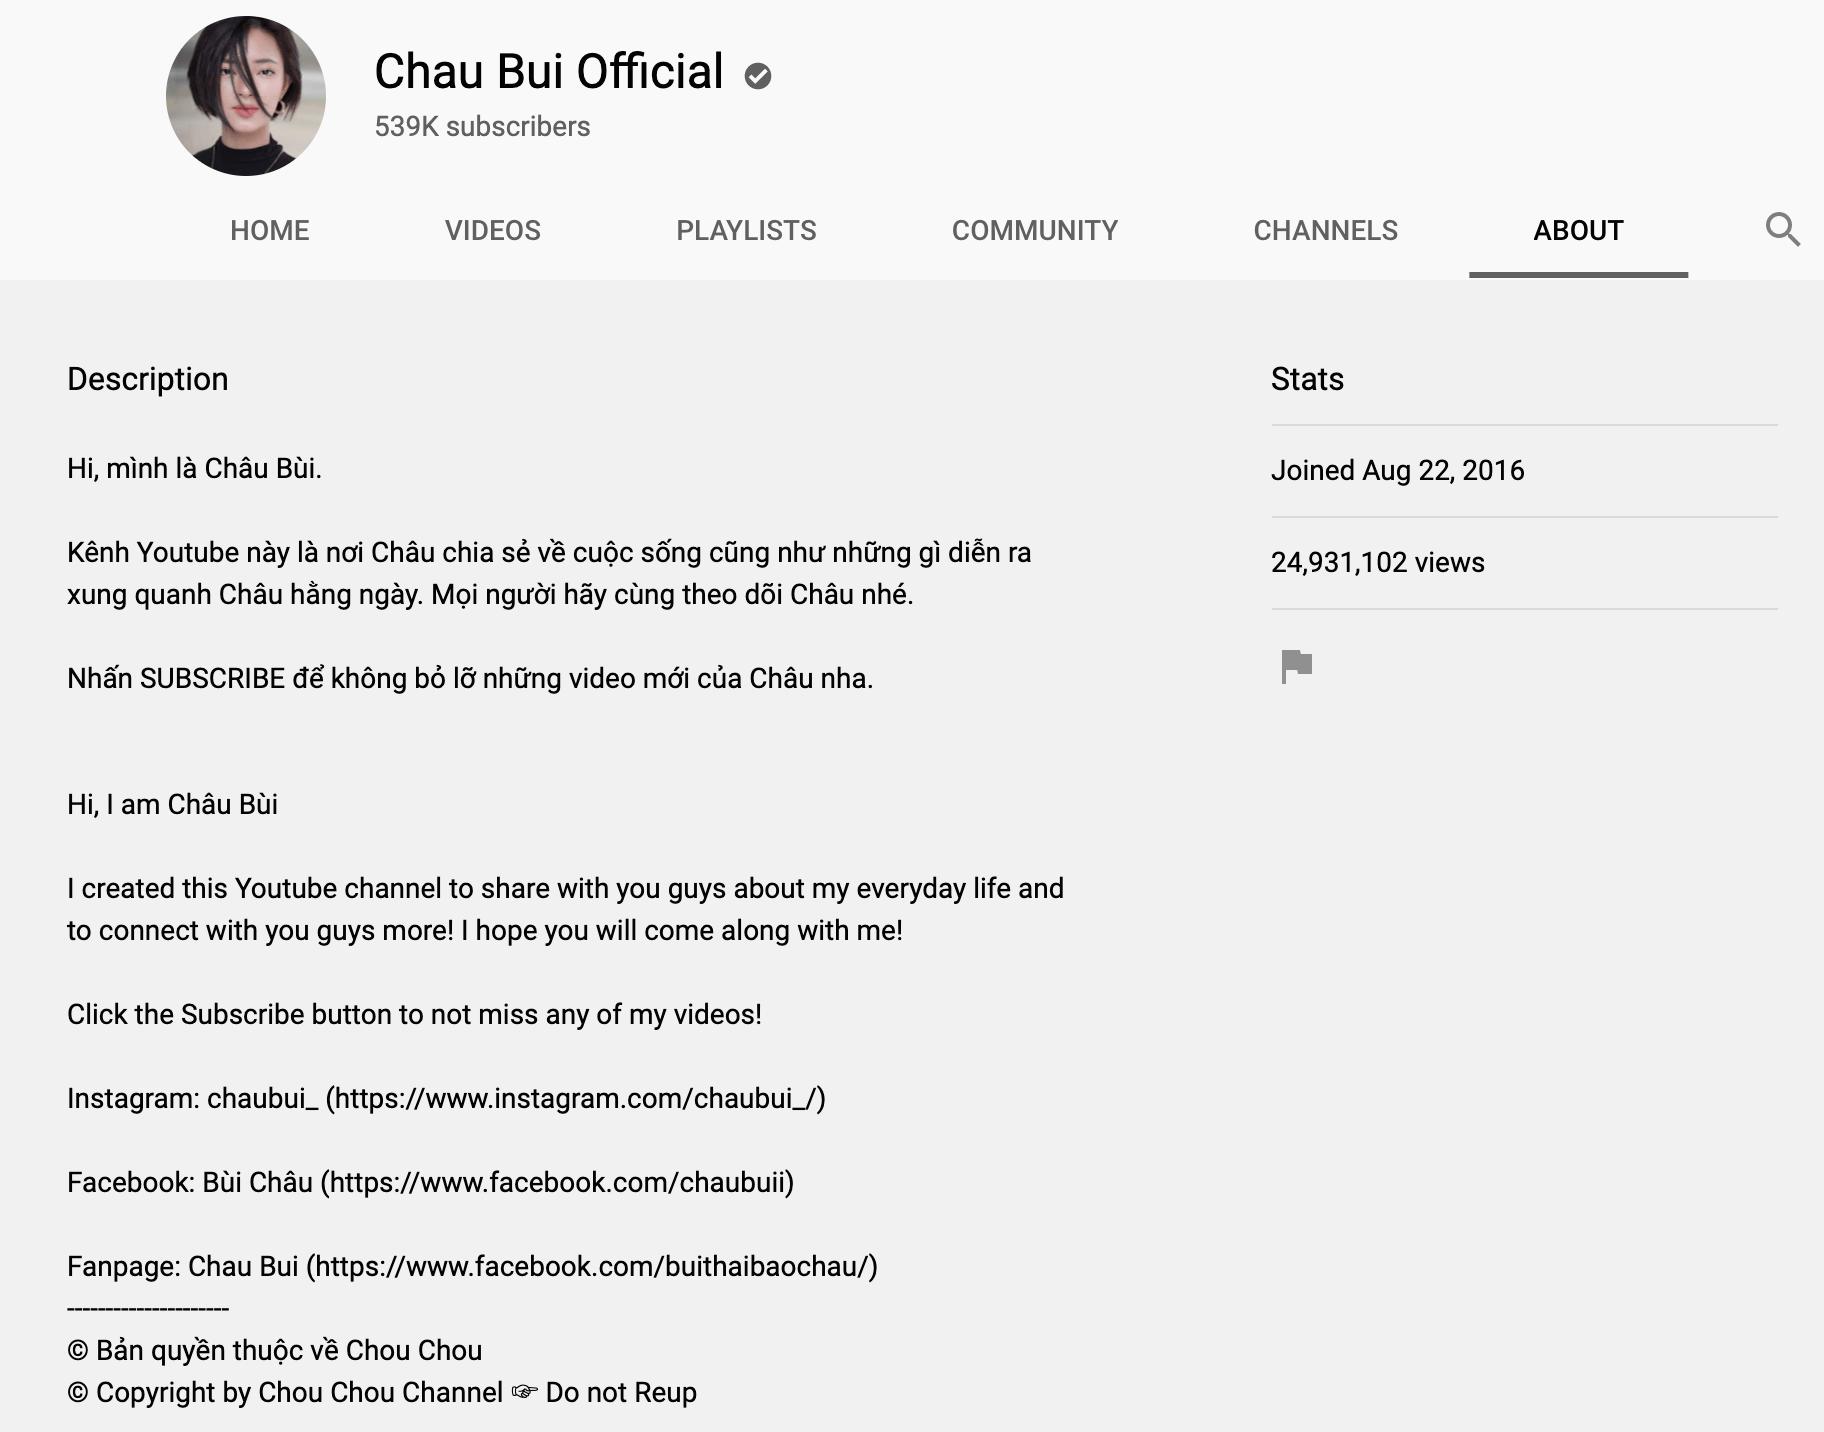 Thiết kế trang chủ kênh Youtube đẹp mắt